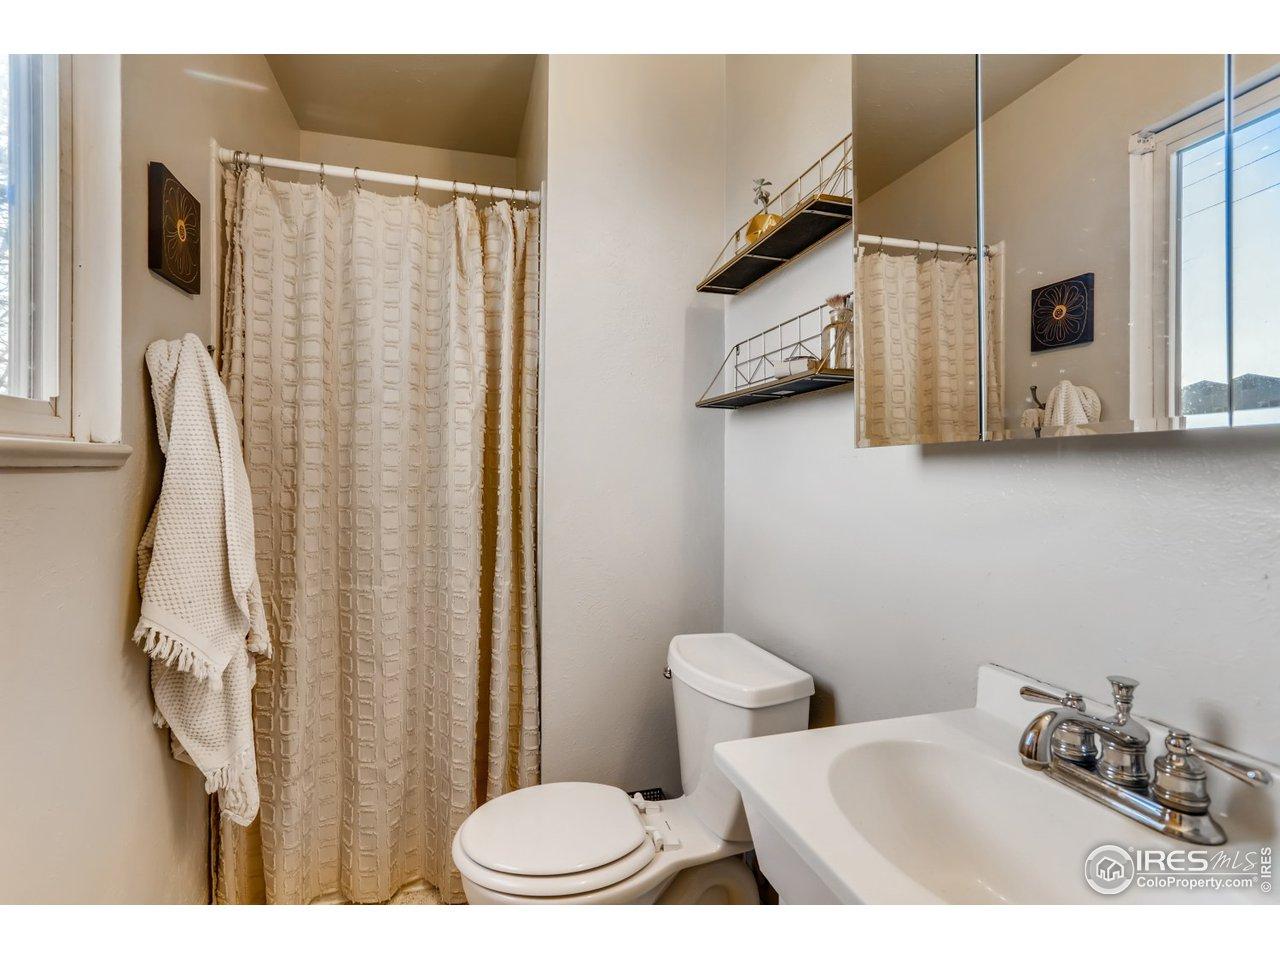 Bedroom 2/Upper